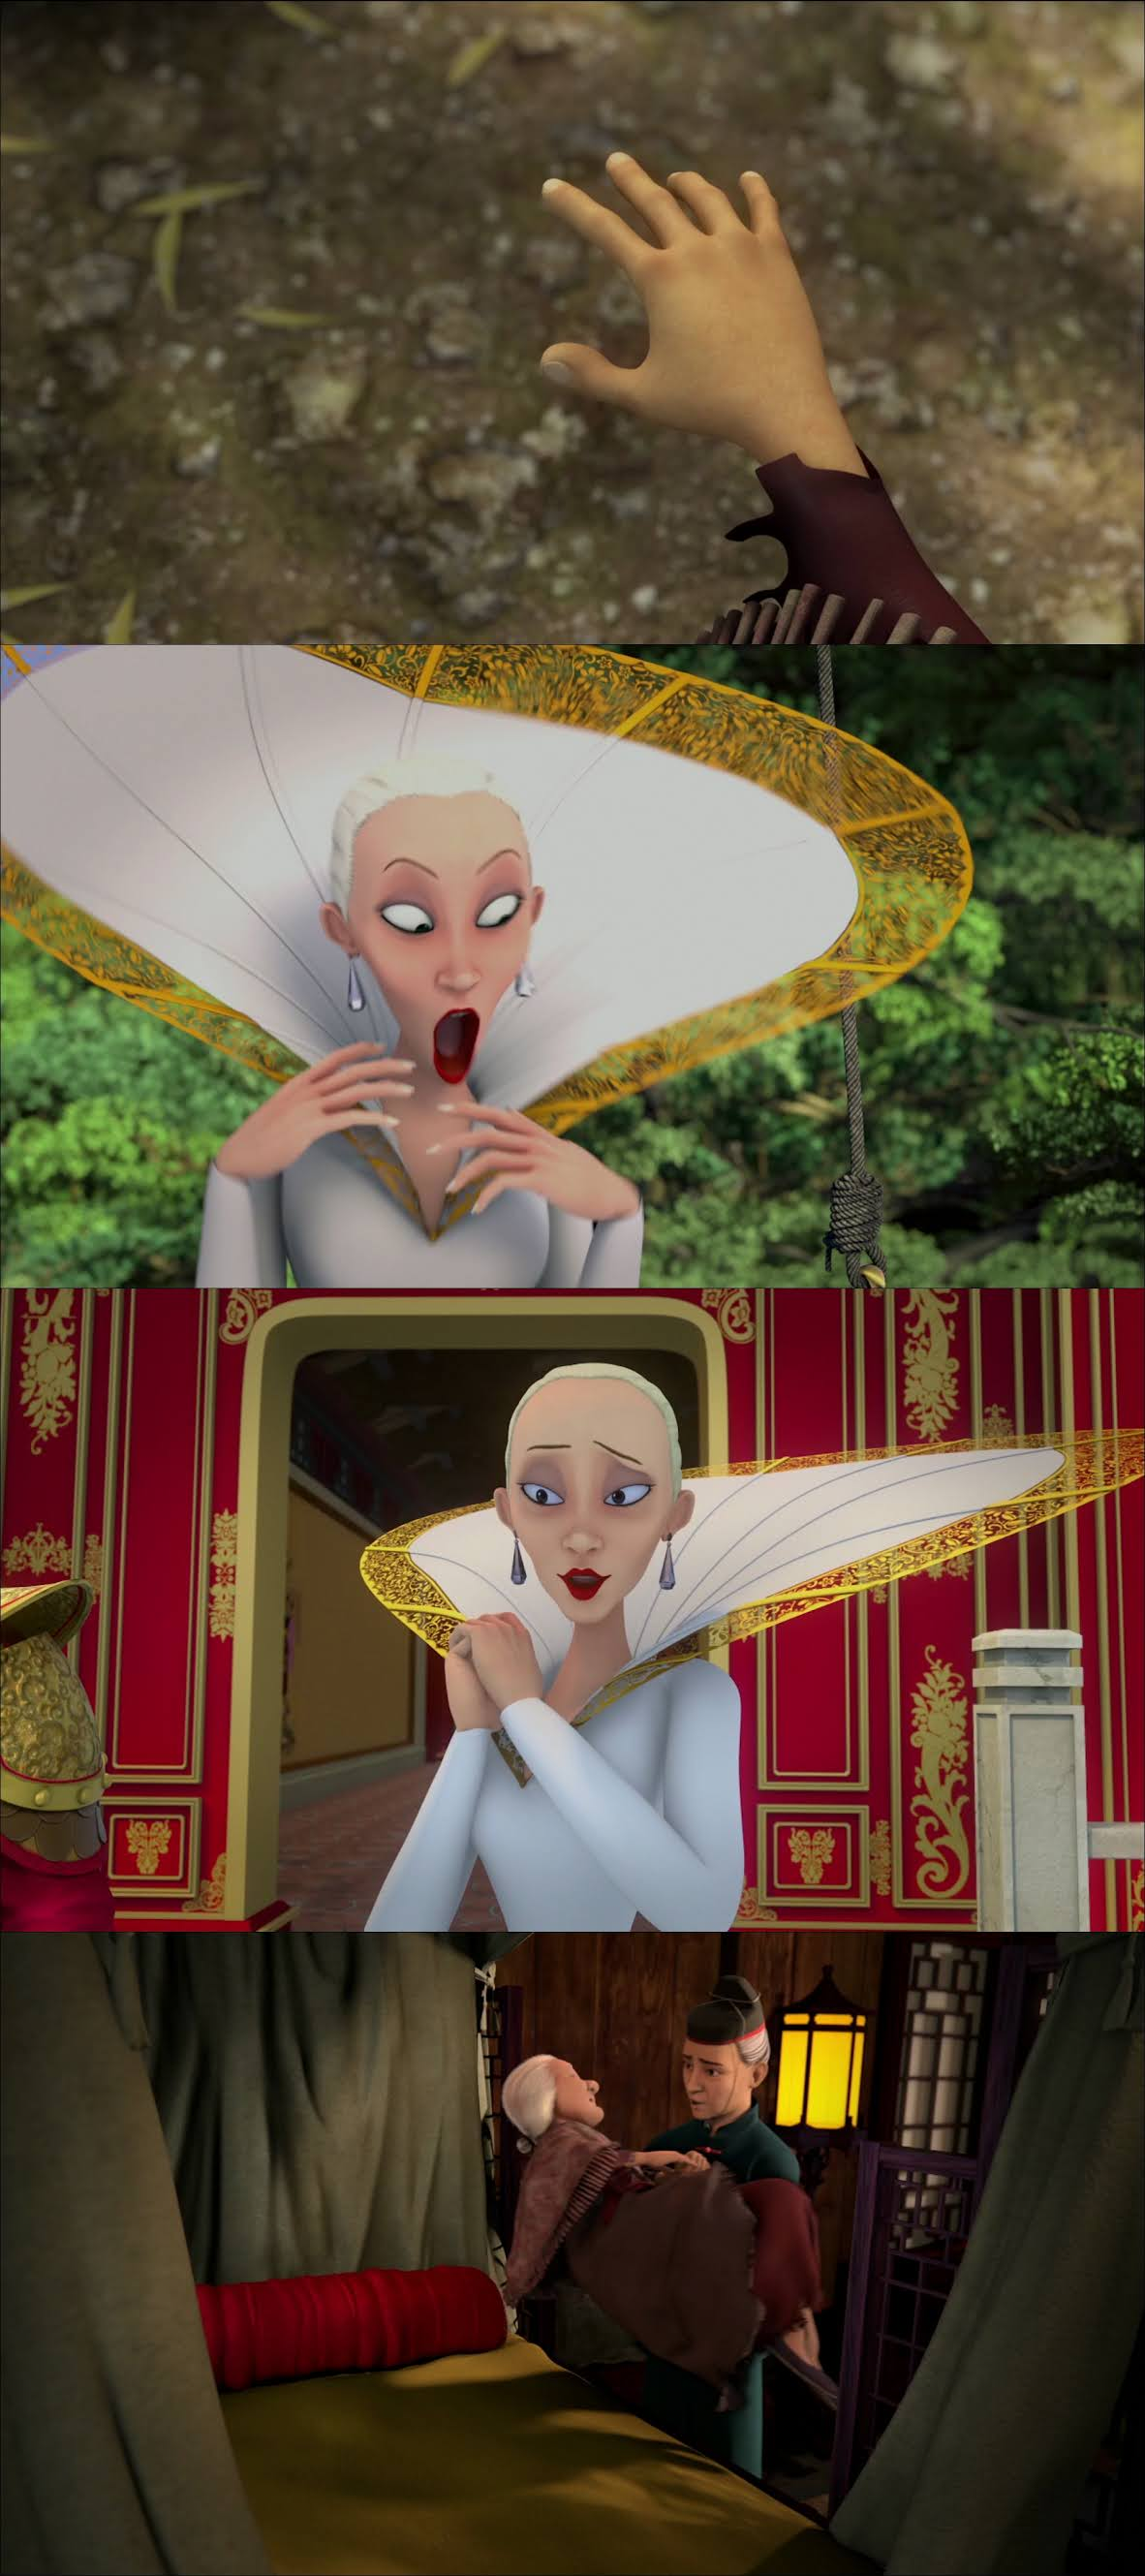 La Princesa Encantada Una Boda Real HD 1080p Latino (2020)